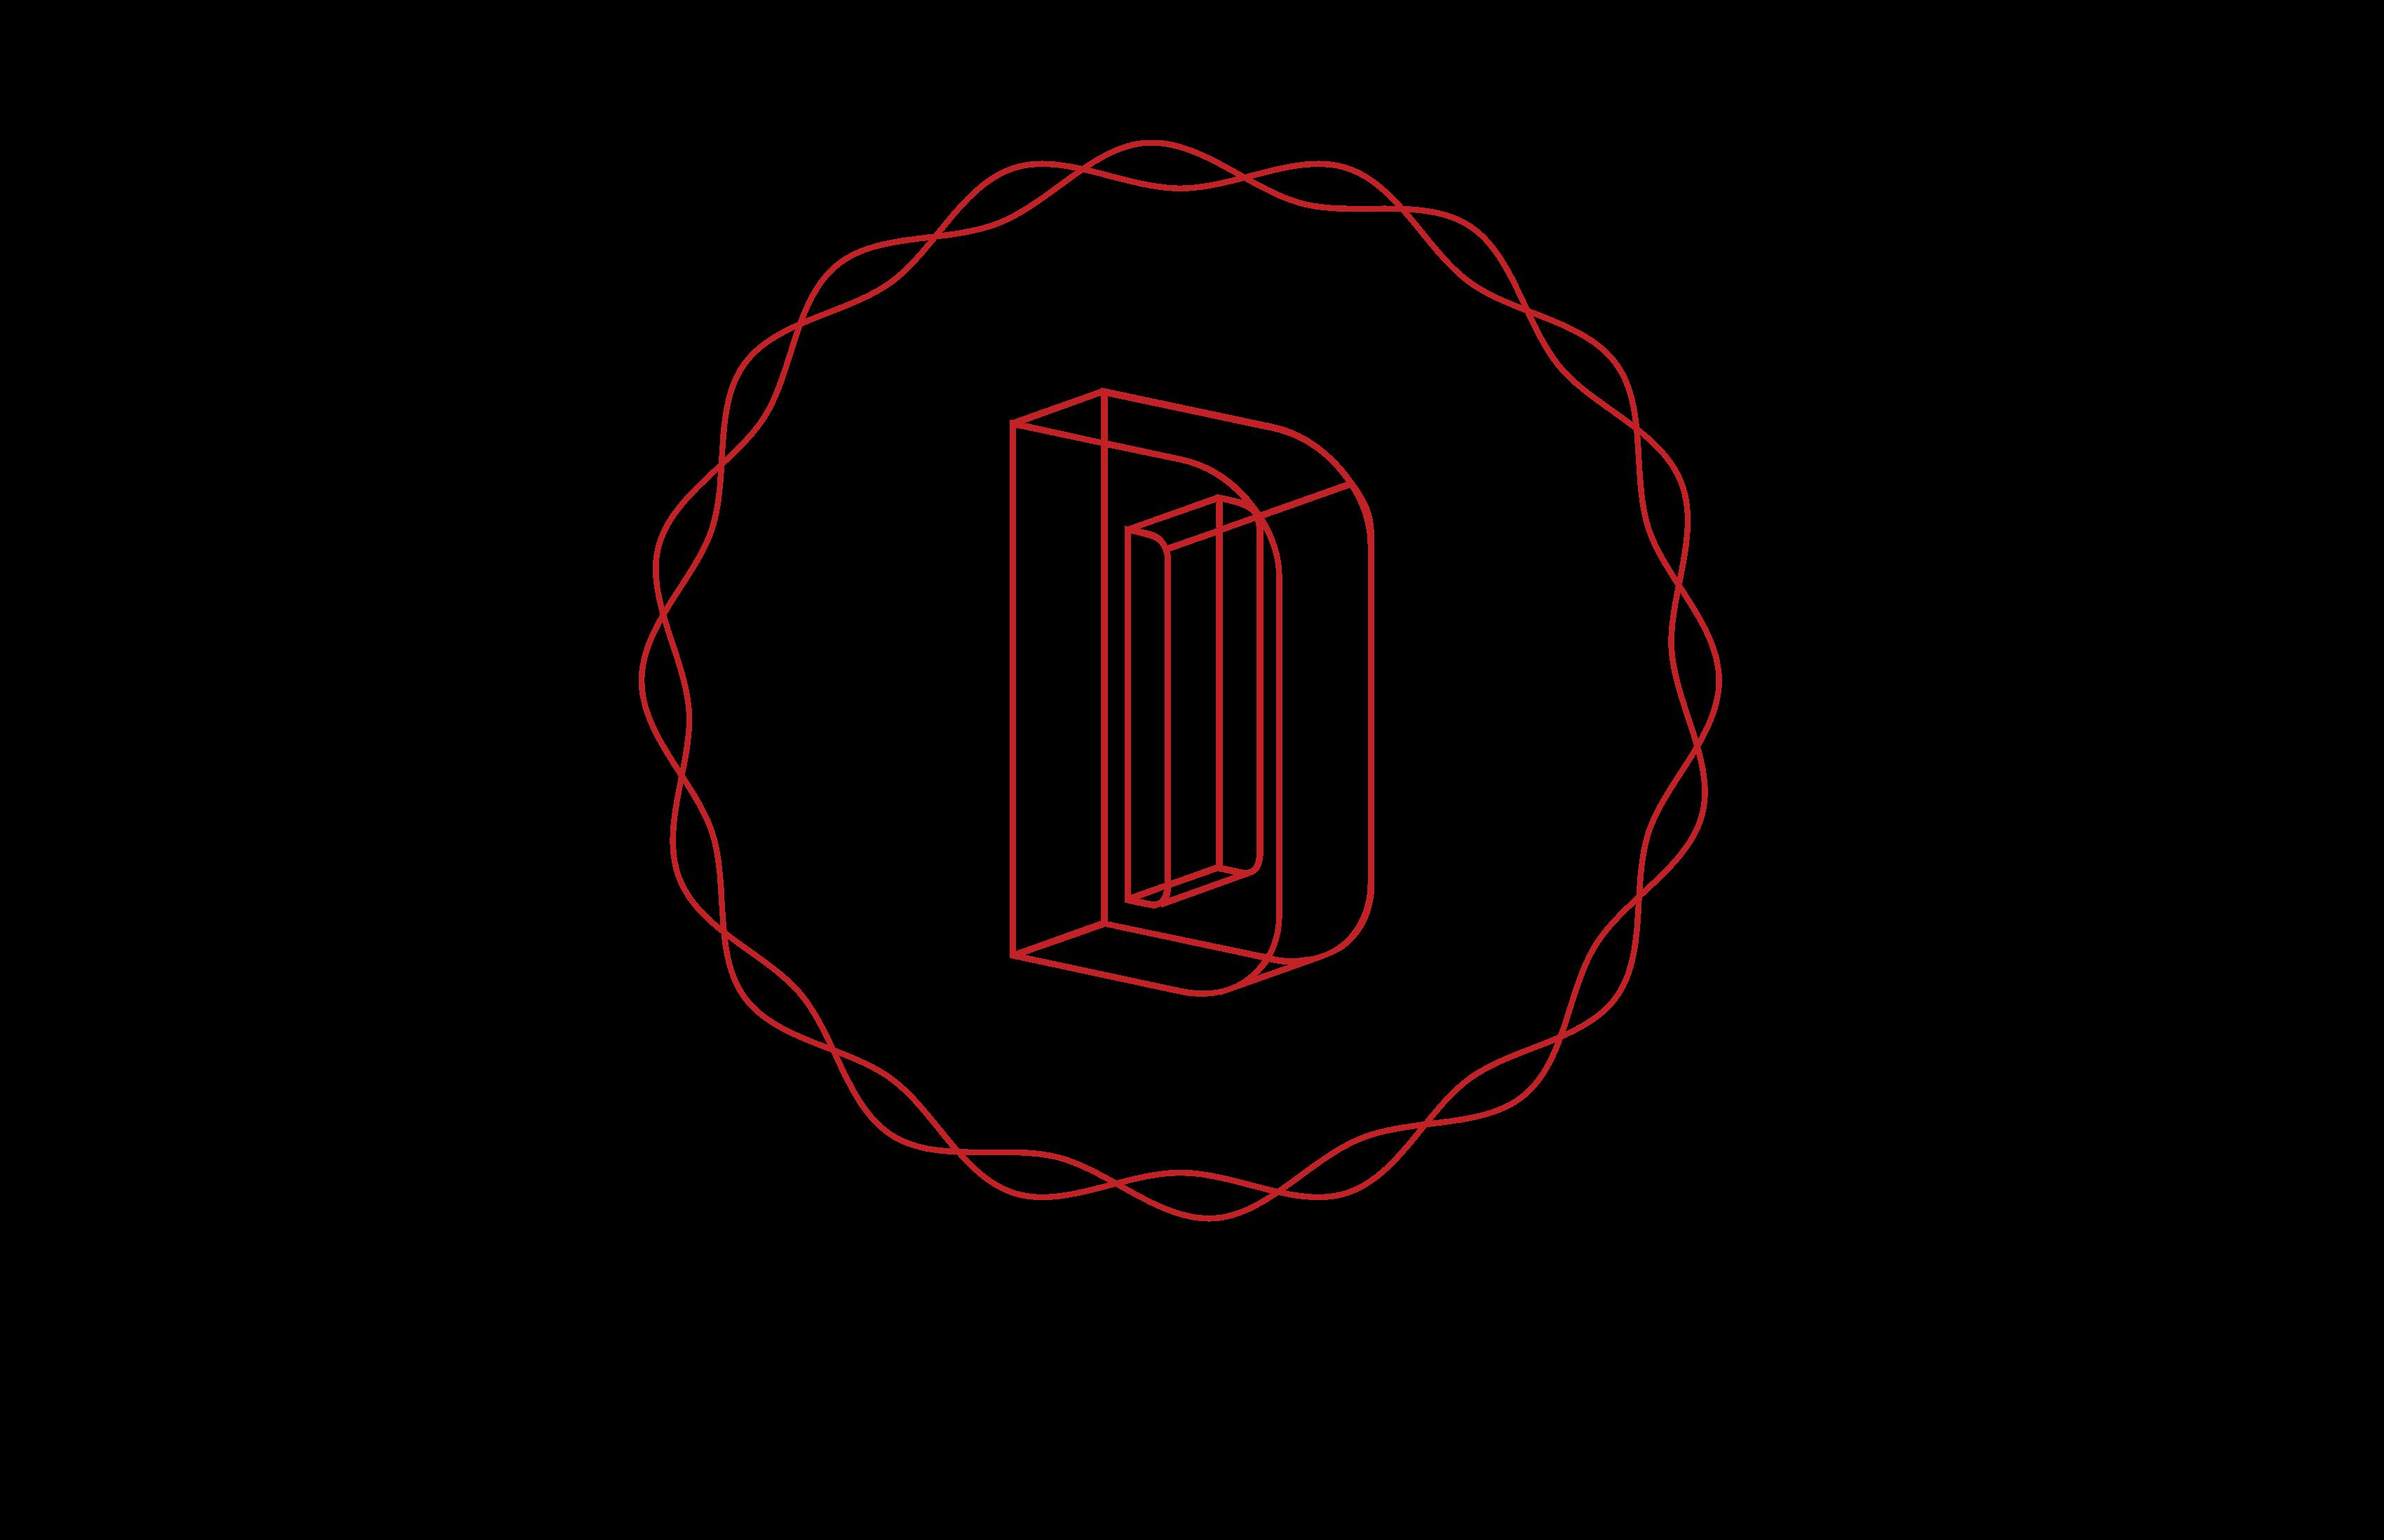 Data_Science_Association_Logo.jpg